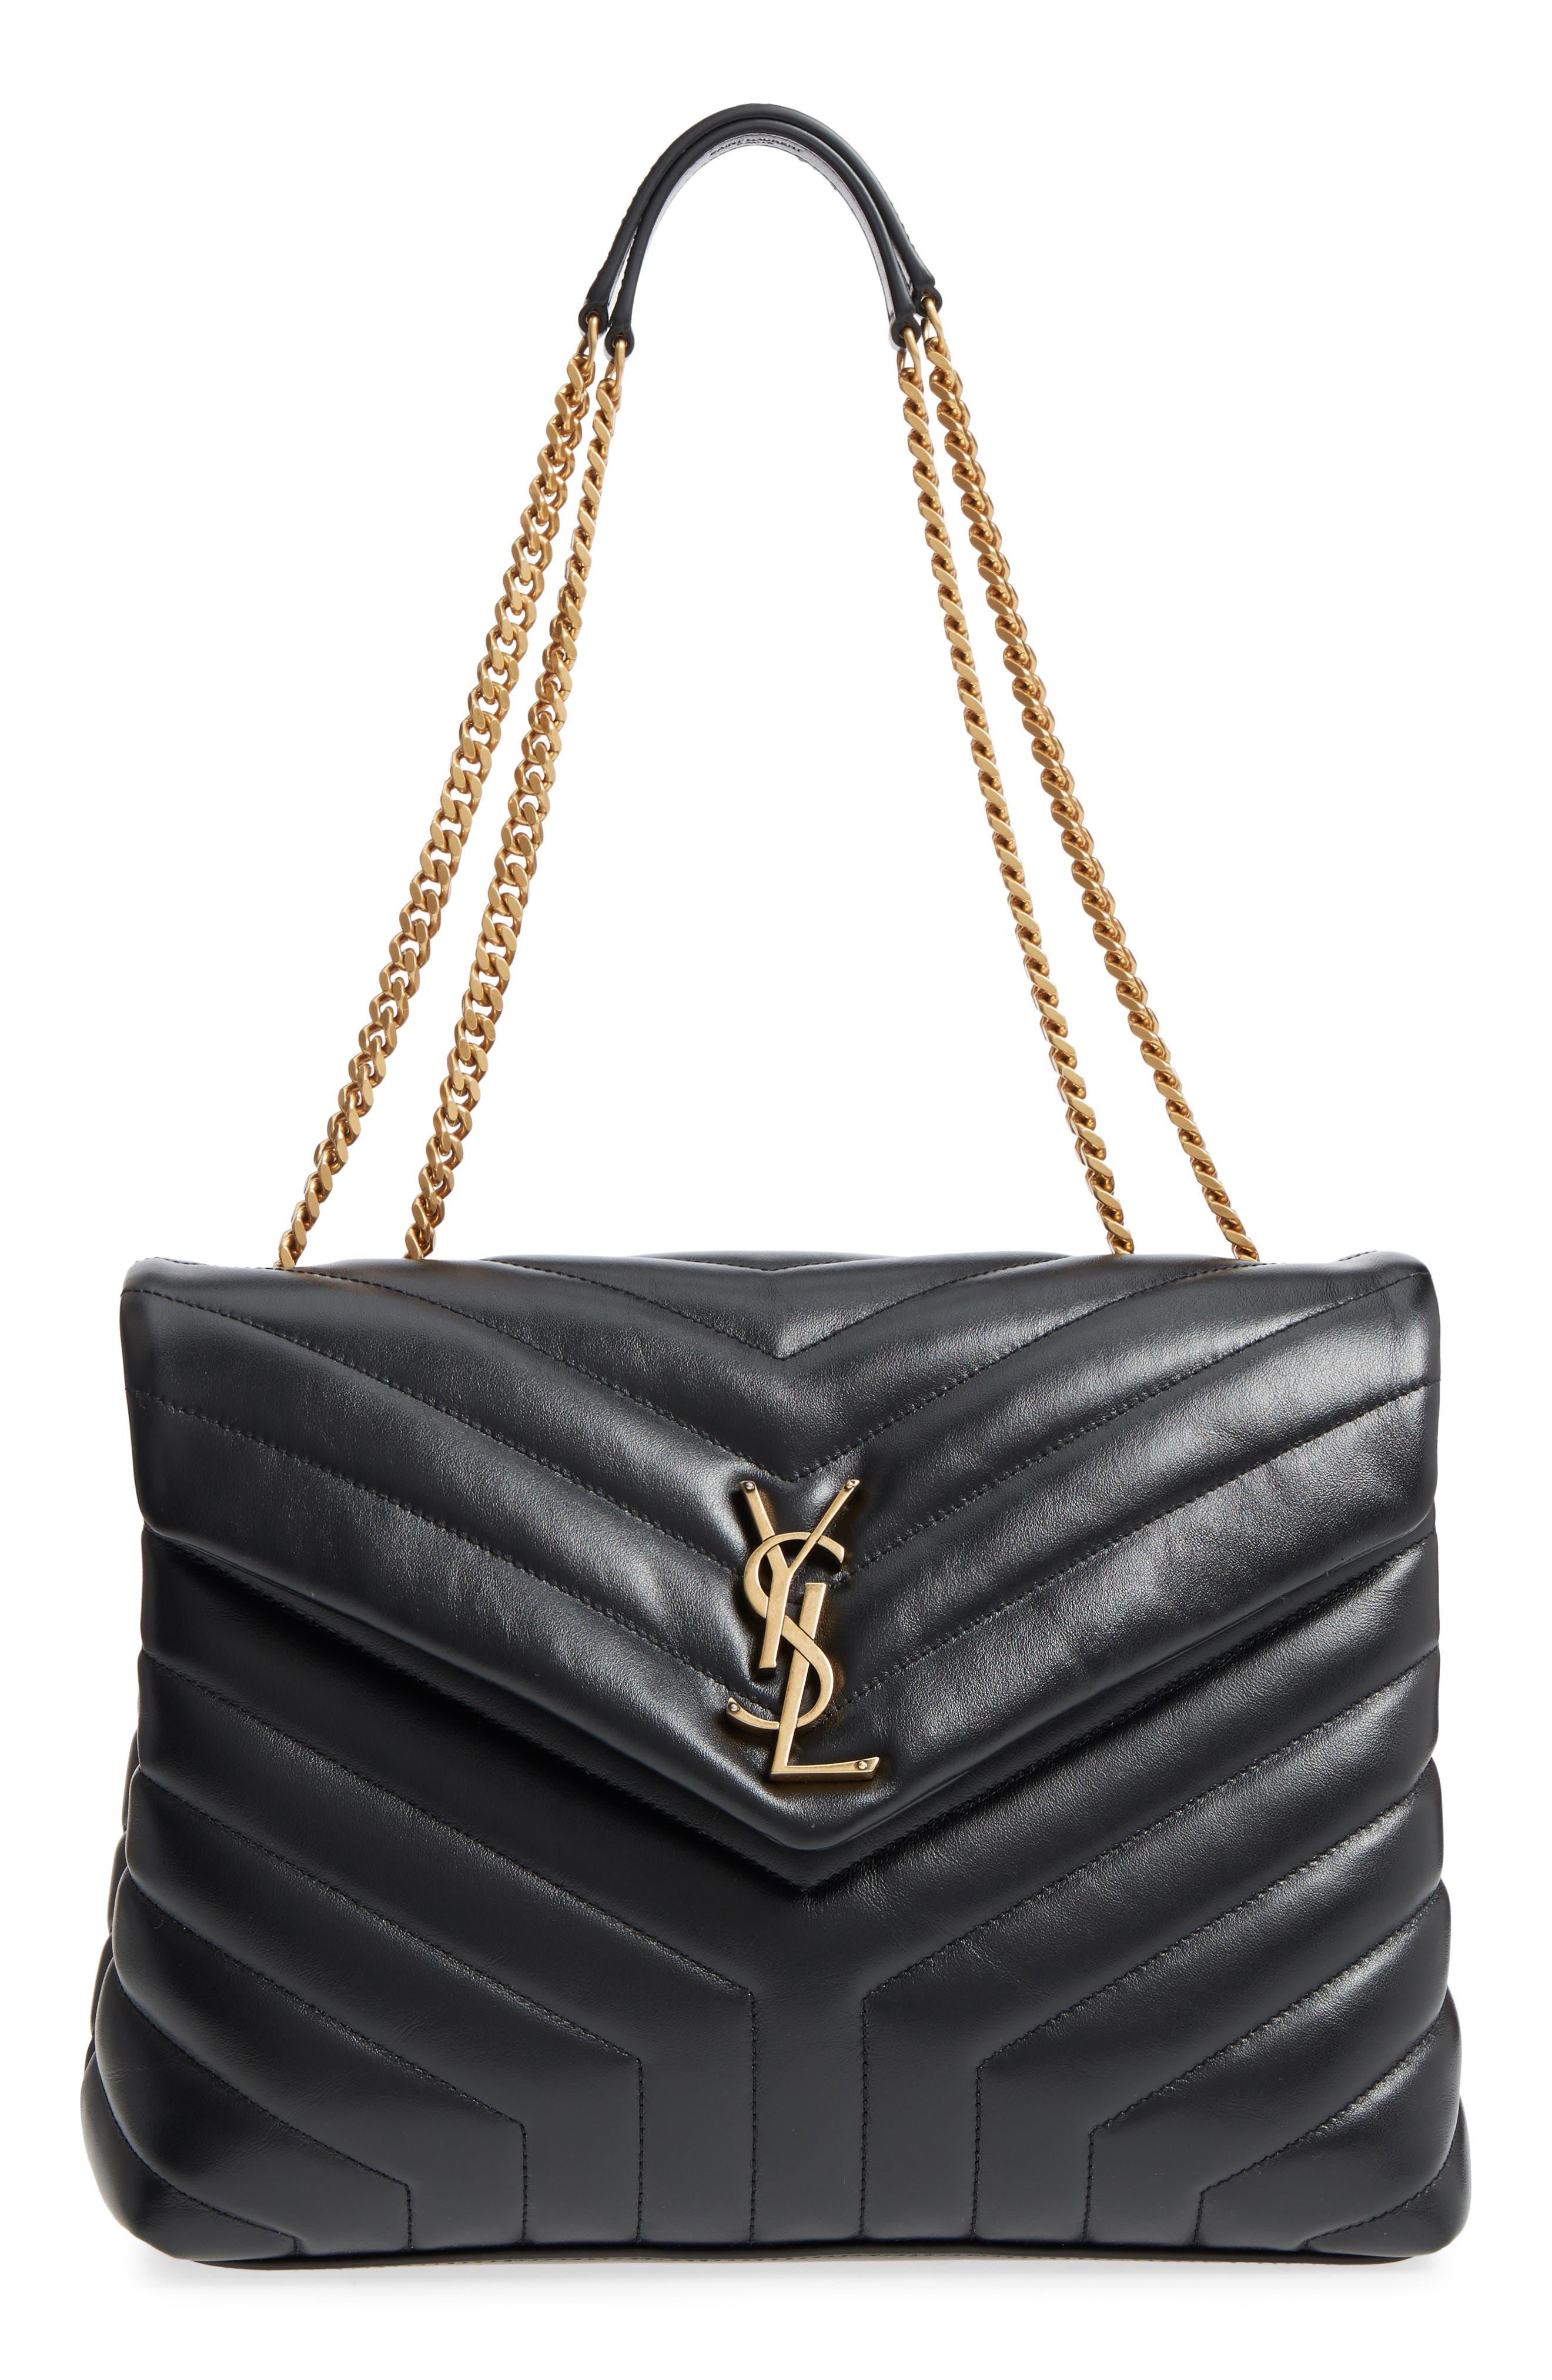 Medium Loulou Matelassé Calfskin Leather Shoulder Bag,                             Main thumbnail 1, color,                             NOIR/ GOLD